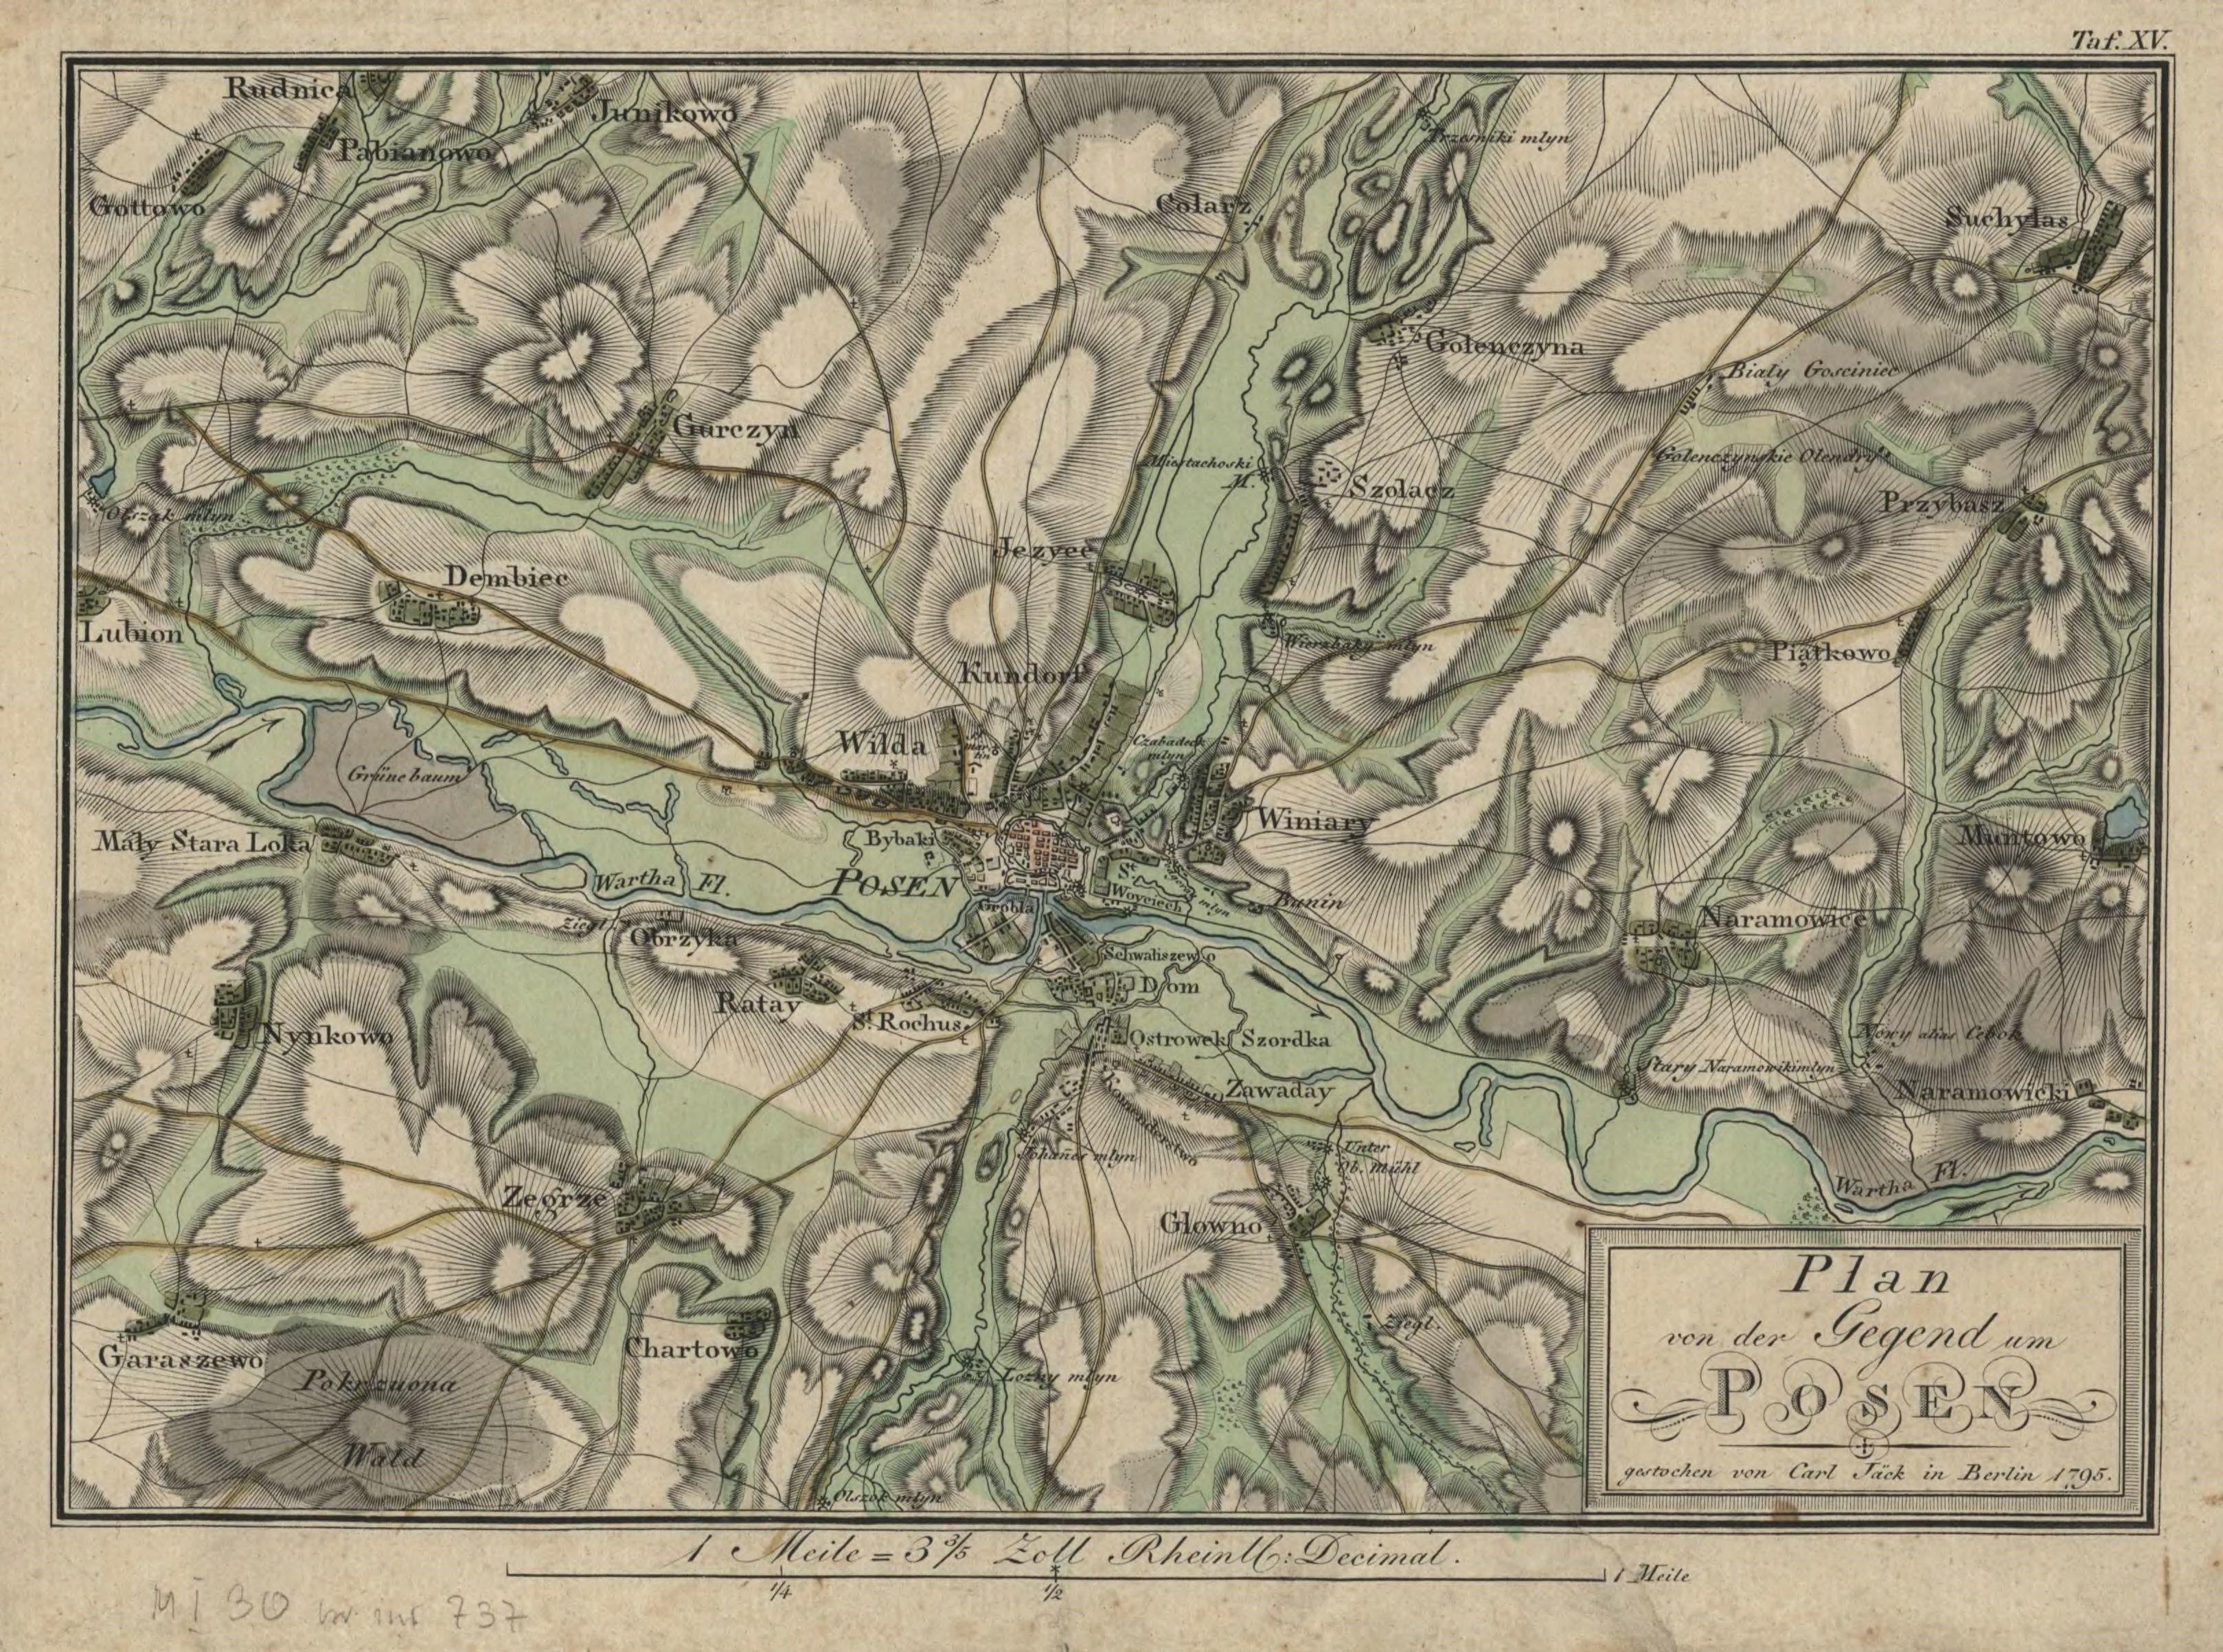 POZNAŃ - 1795